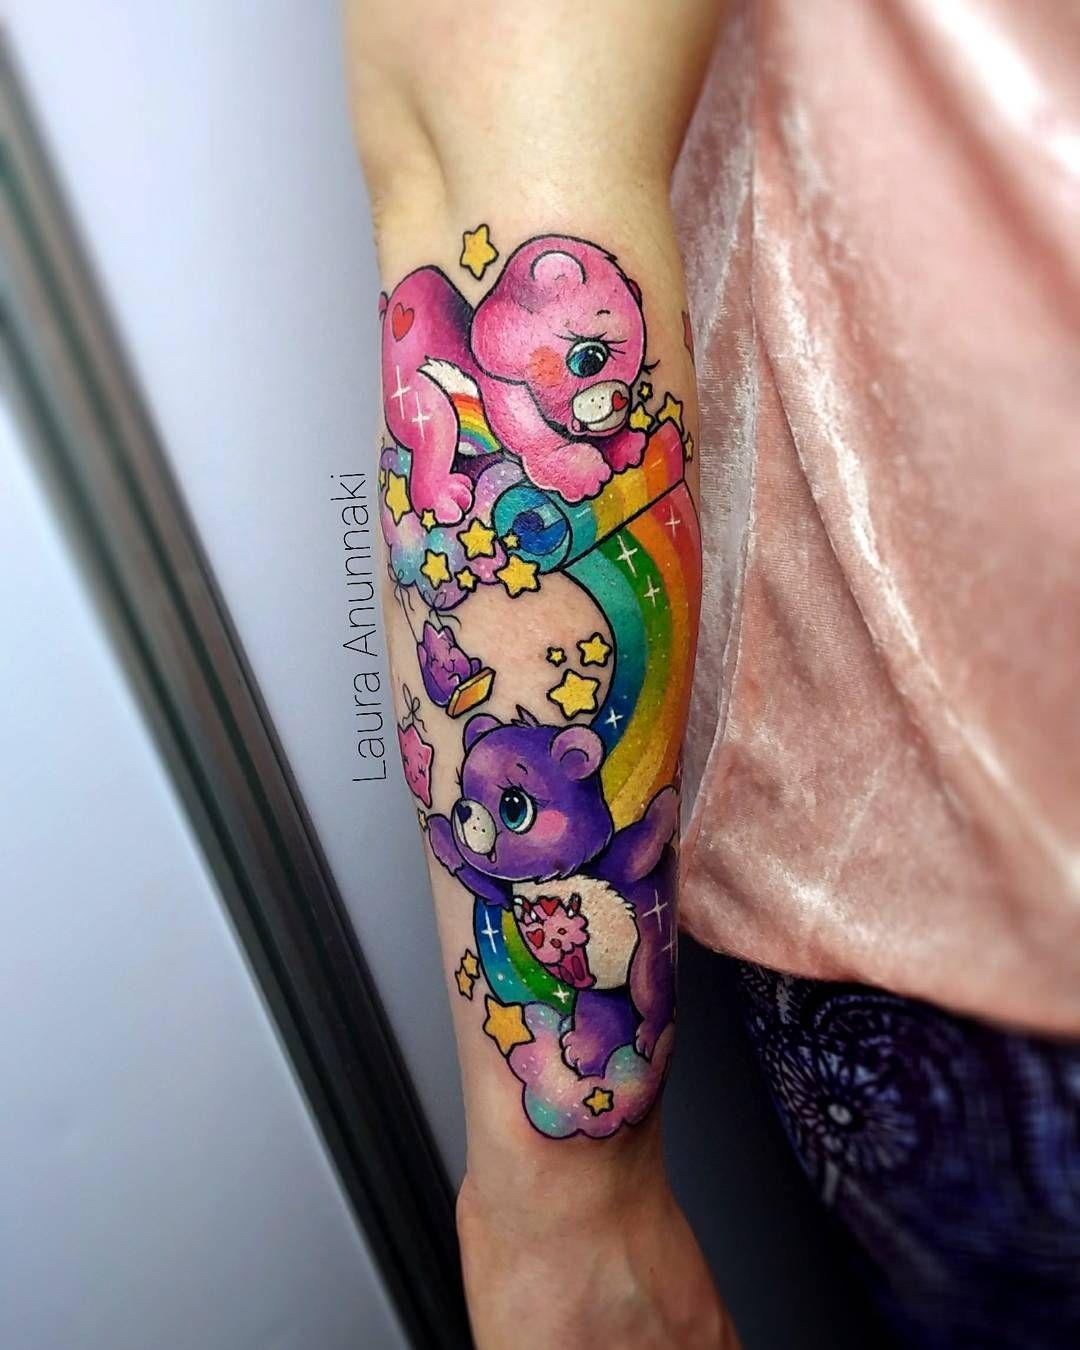 Pin By Laura Kuley On Tattoo: Tatouage, Idee Tattoo, Encre